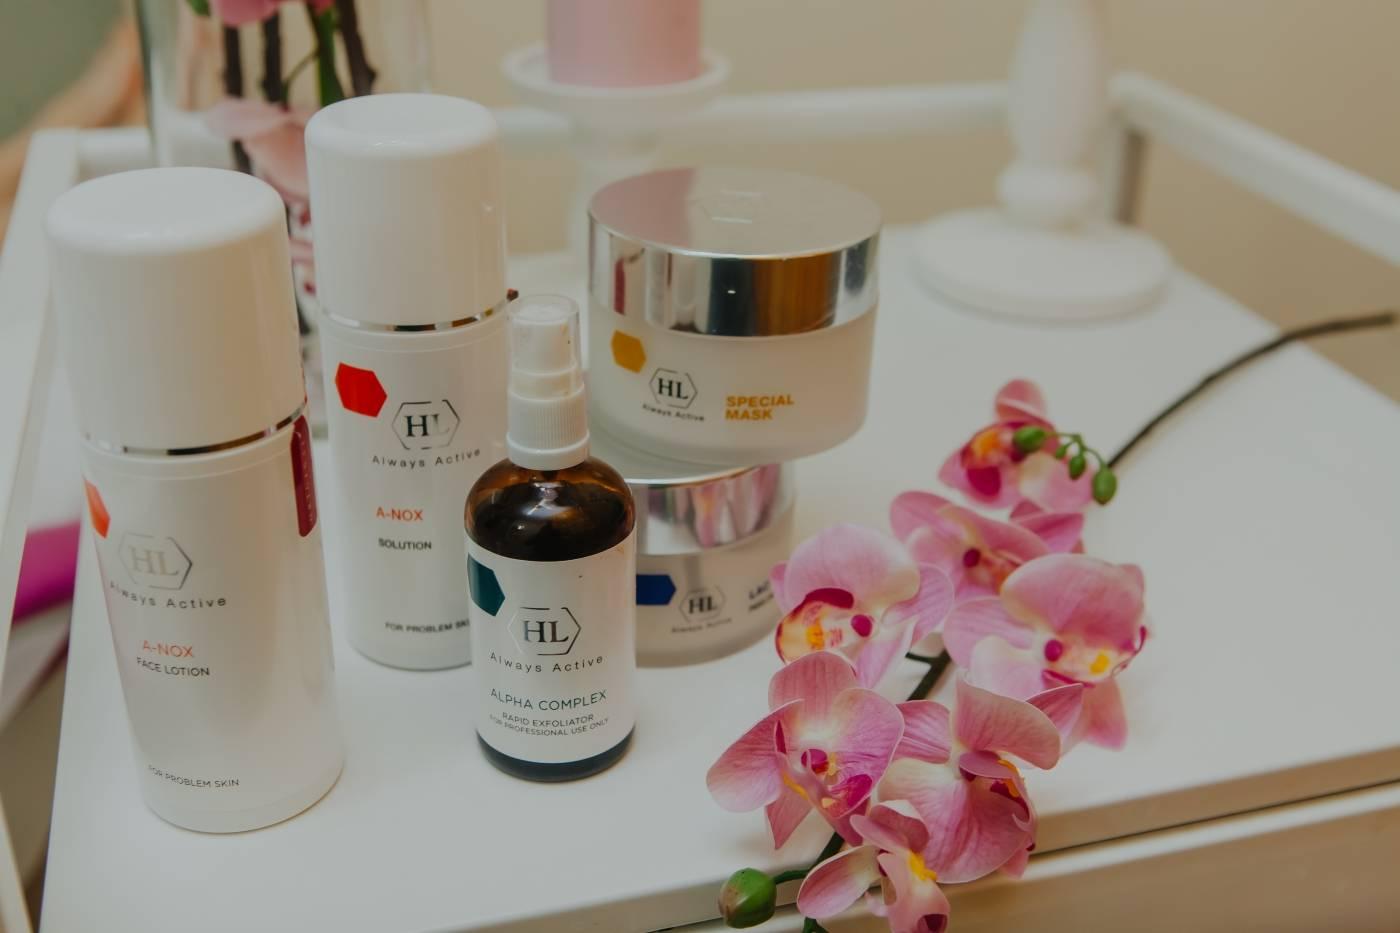 Пилинги холи ленд (holy land cosmetics): ассортимент профессиональных средств для домашнего применения